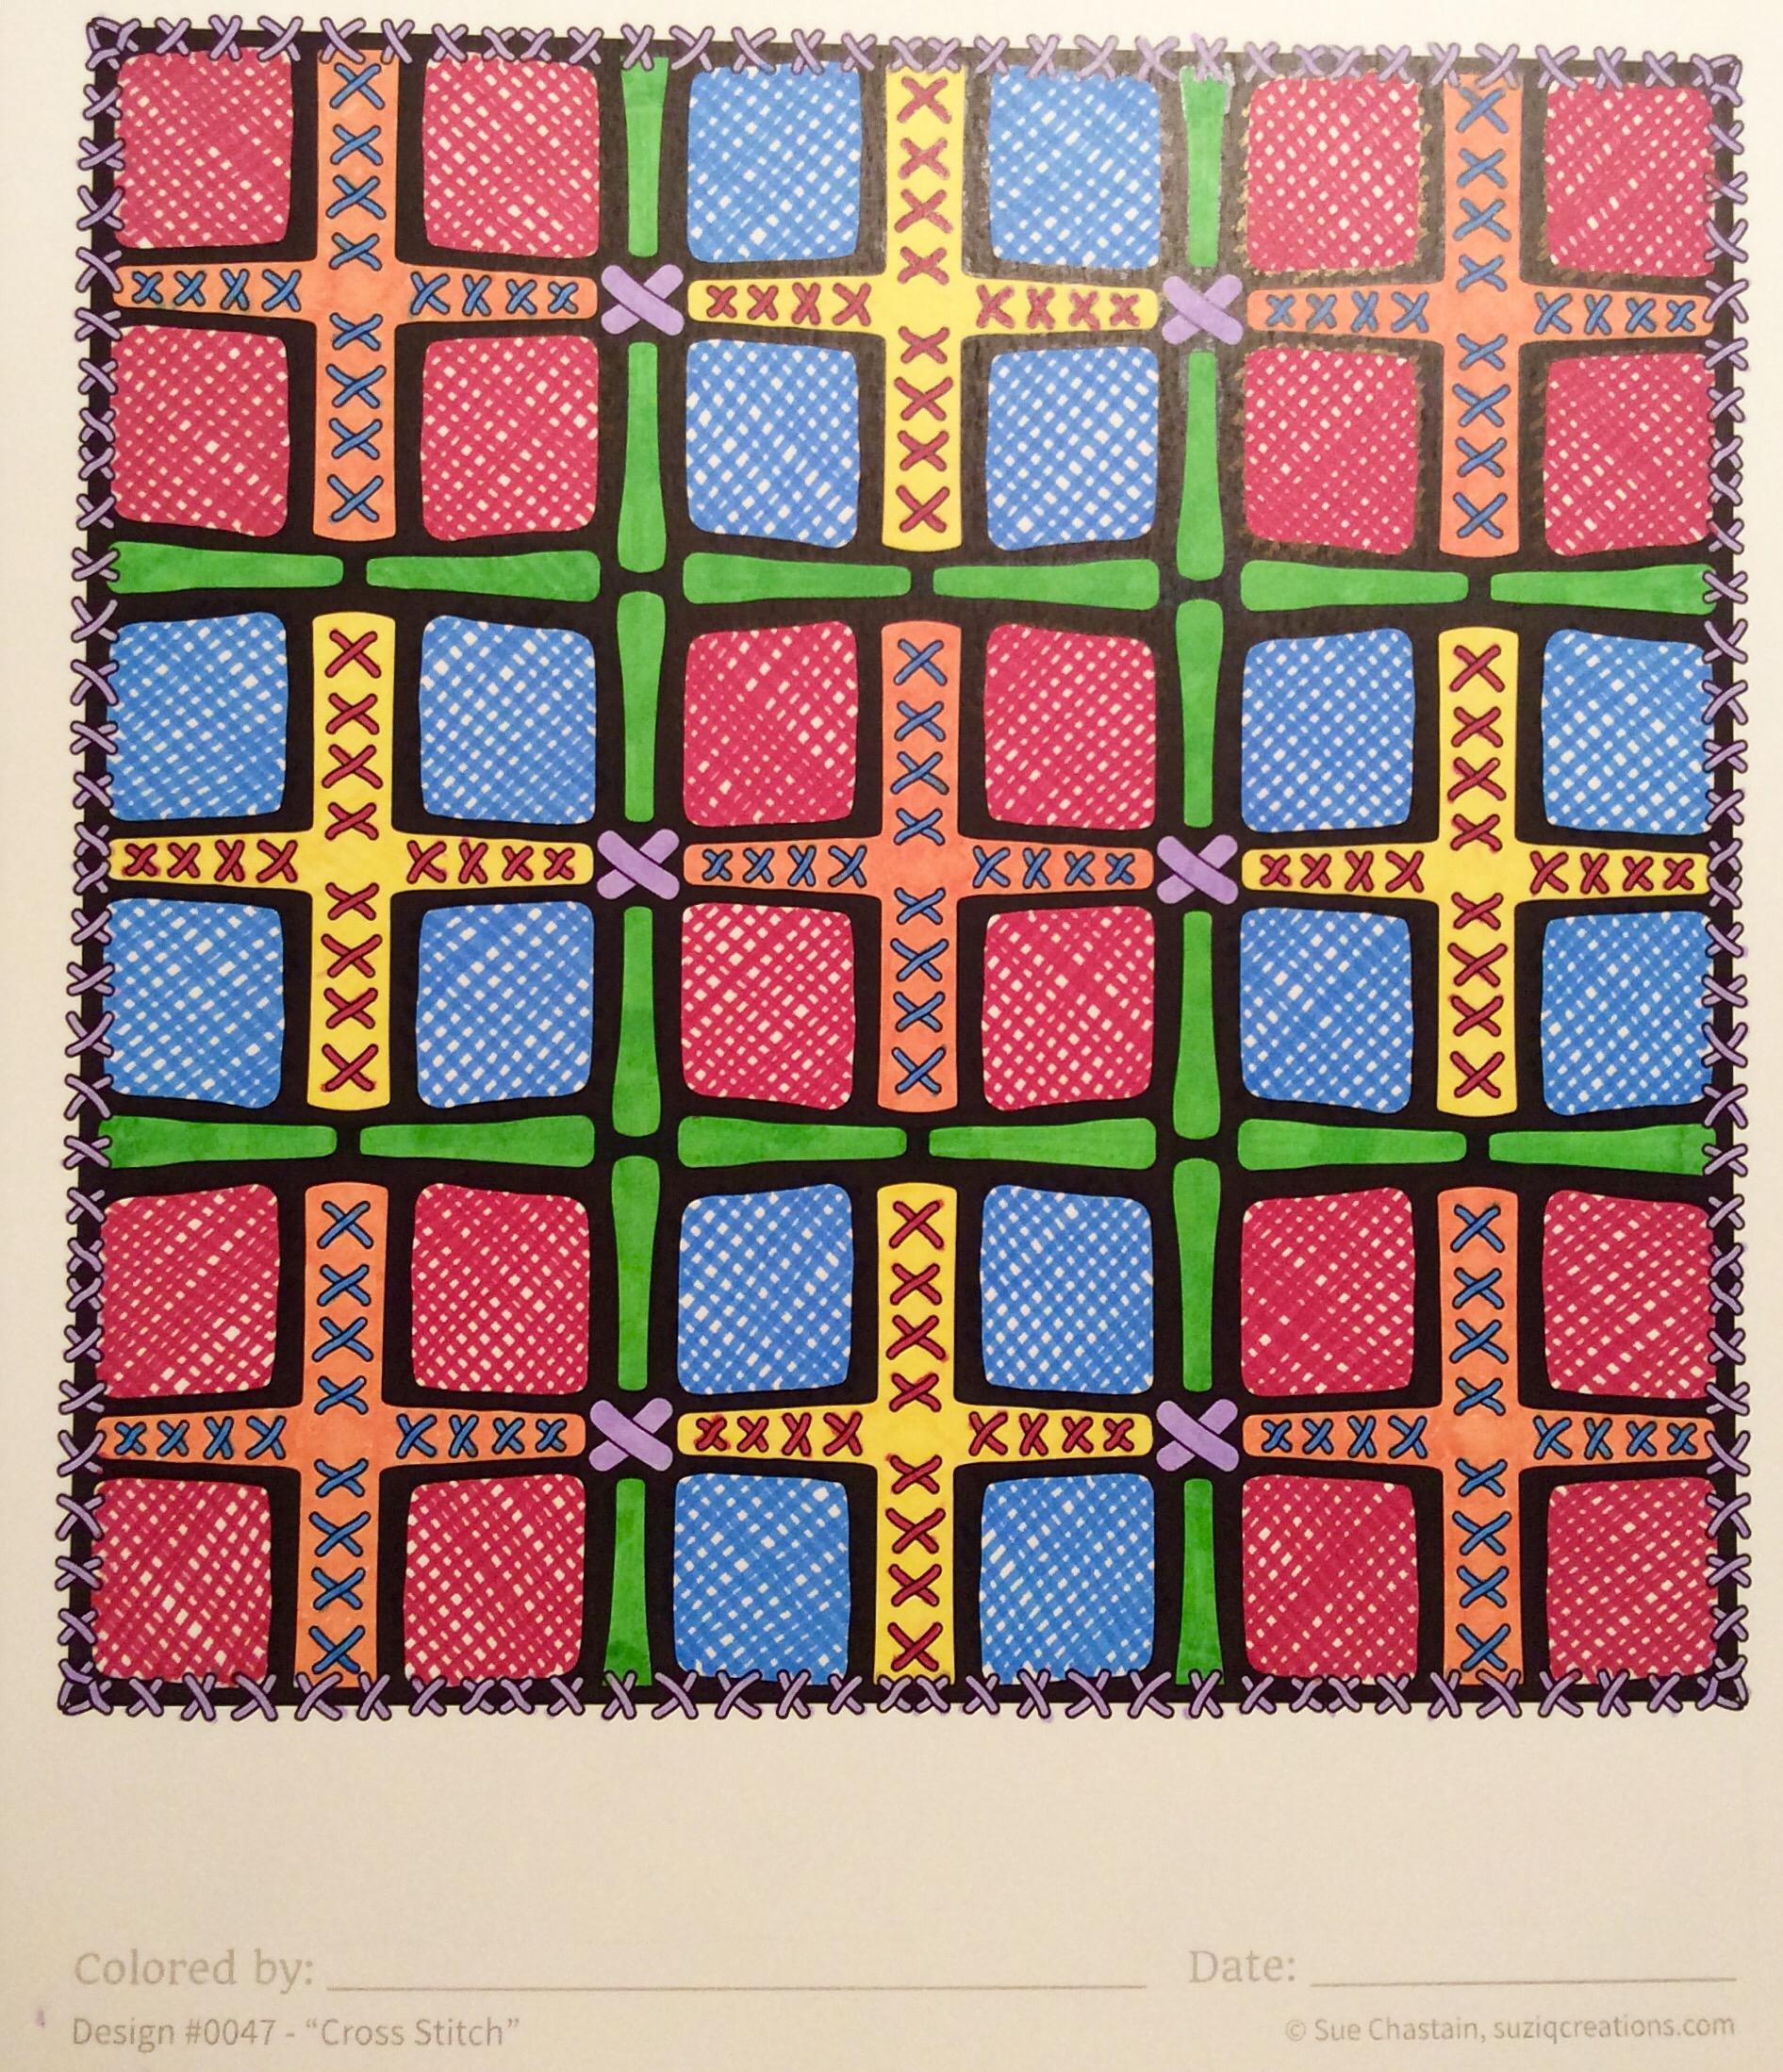 """OrnaMENTALs Design #0047 """"Cross Stitch,"""" colored by Sue Chastain"""